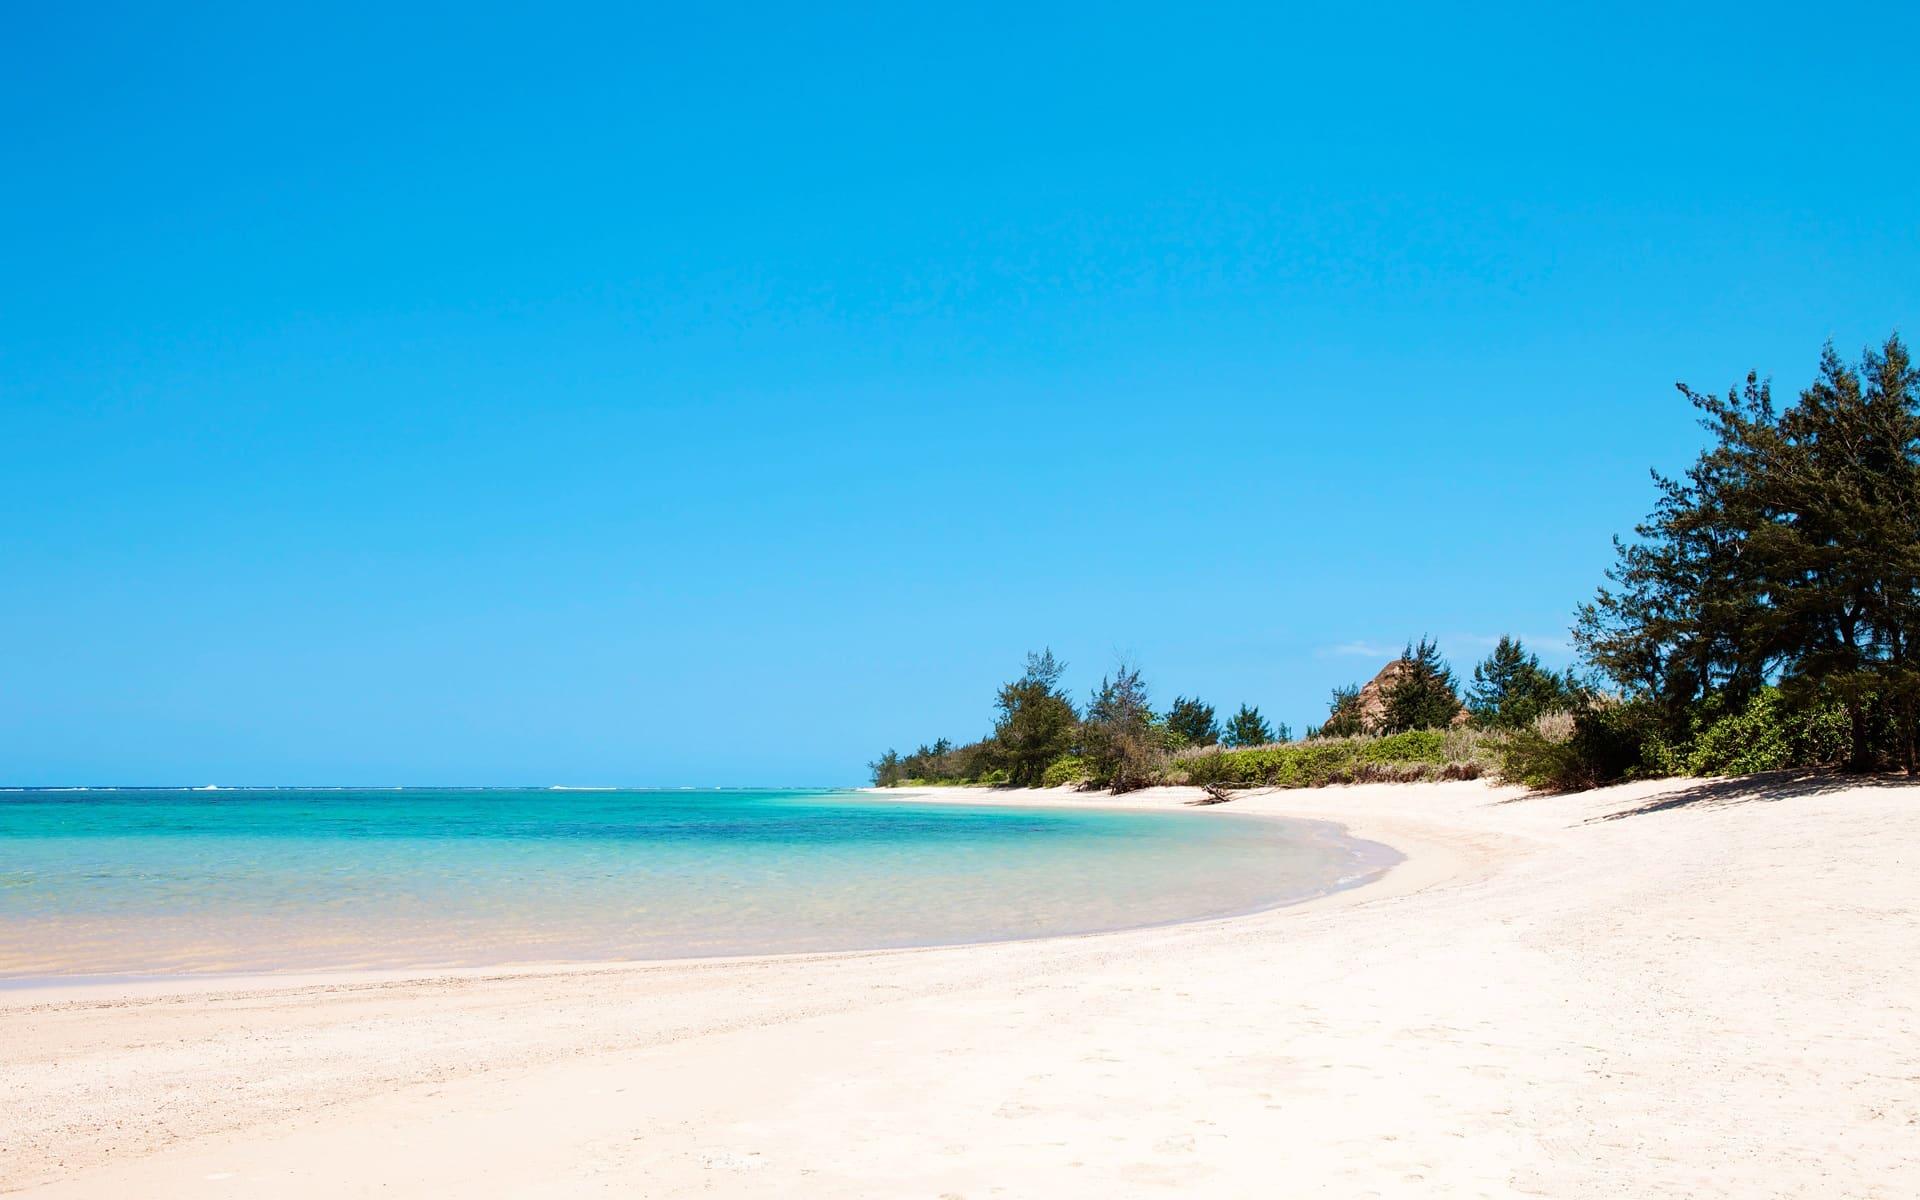 Idyllic Mauritian beach